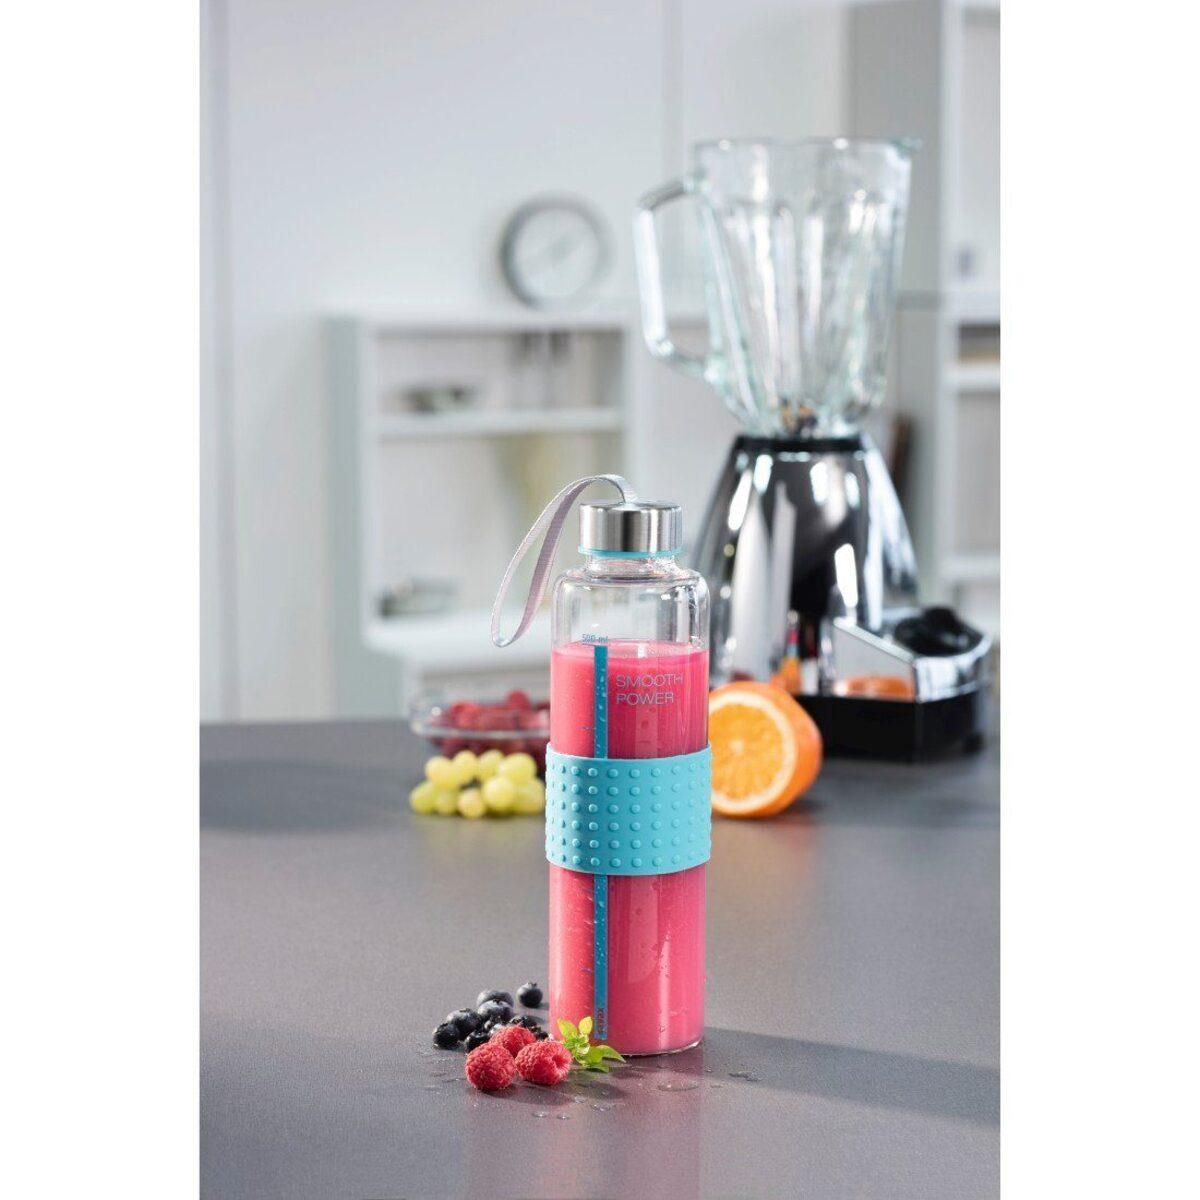 Bild 2 von Xavax Xavax Trinkflasche aus Glas, Smooth Power, 0,5 Liter »Glasflasche mit Trageschlaufe«